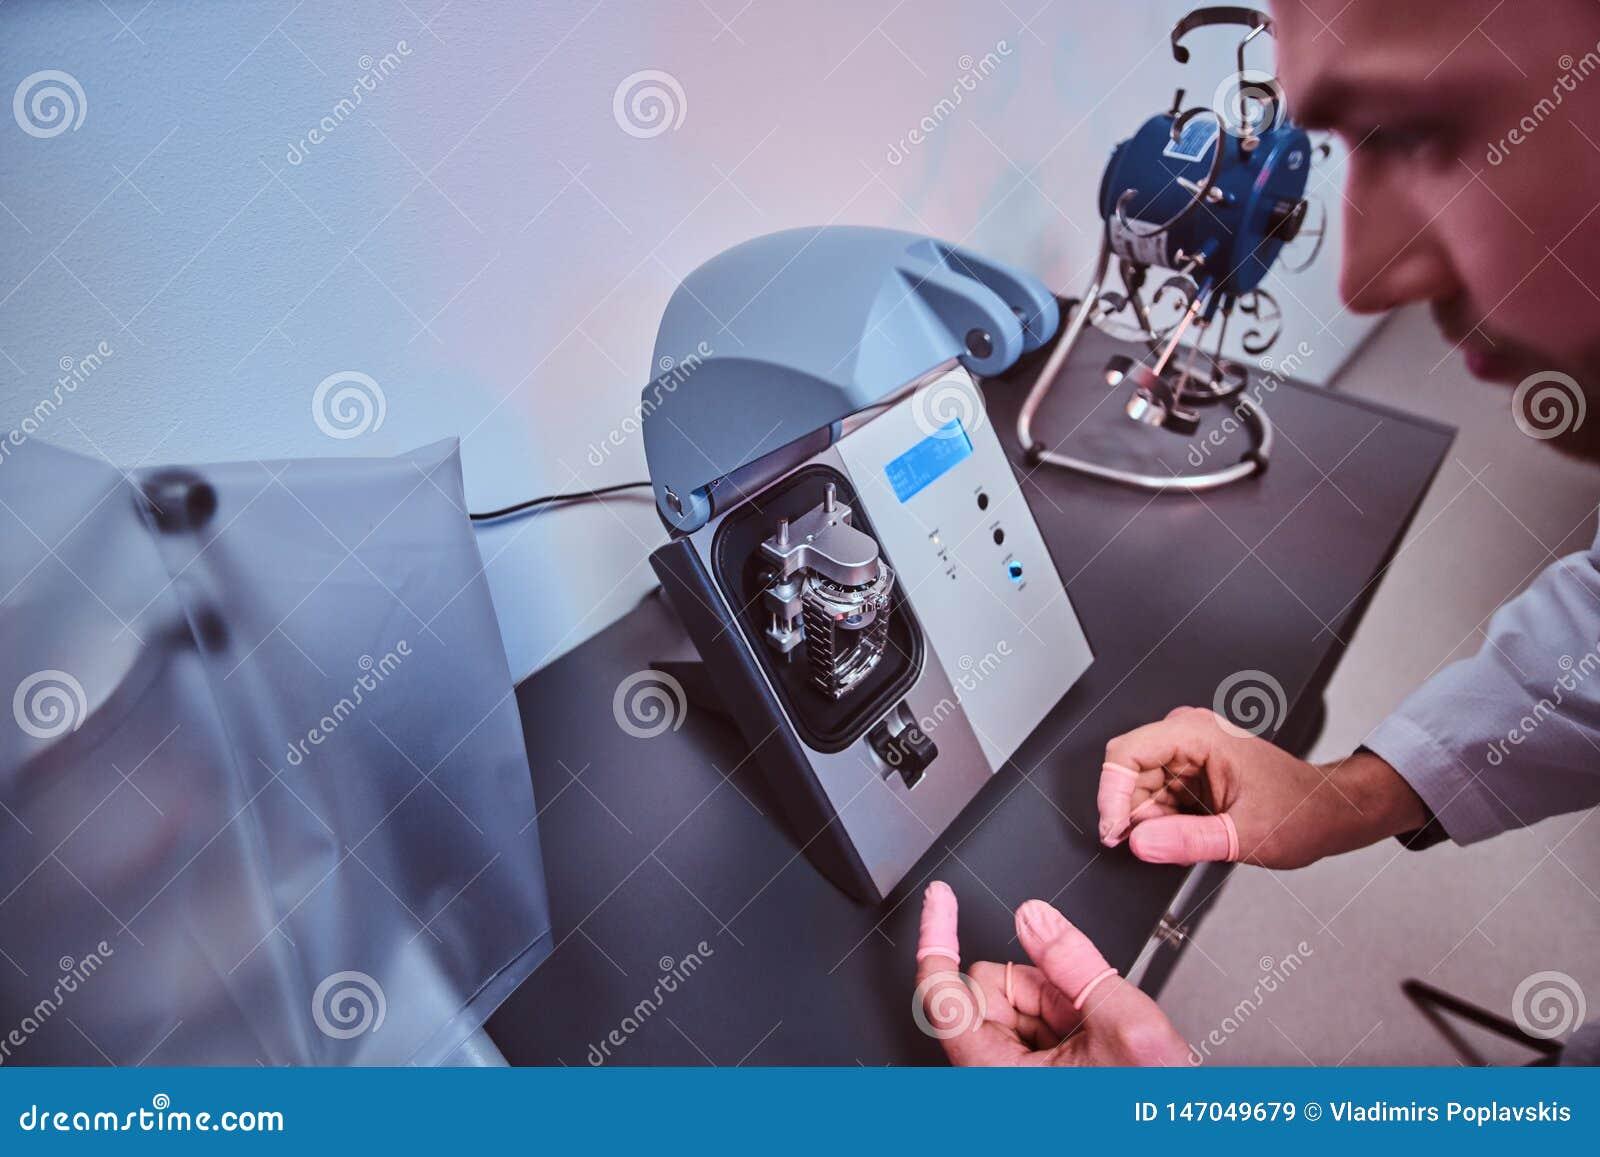 Часовщик Expirienced делает гравировку для дозора custmer используя особенный инструмент на его мастерской